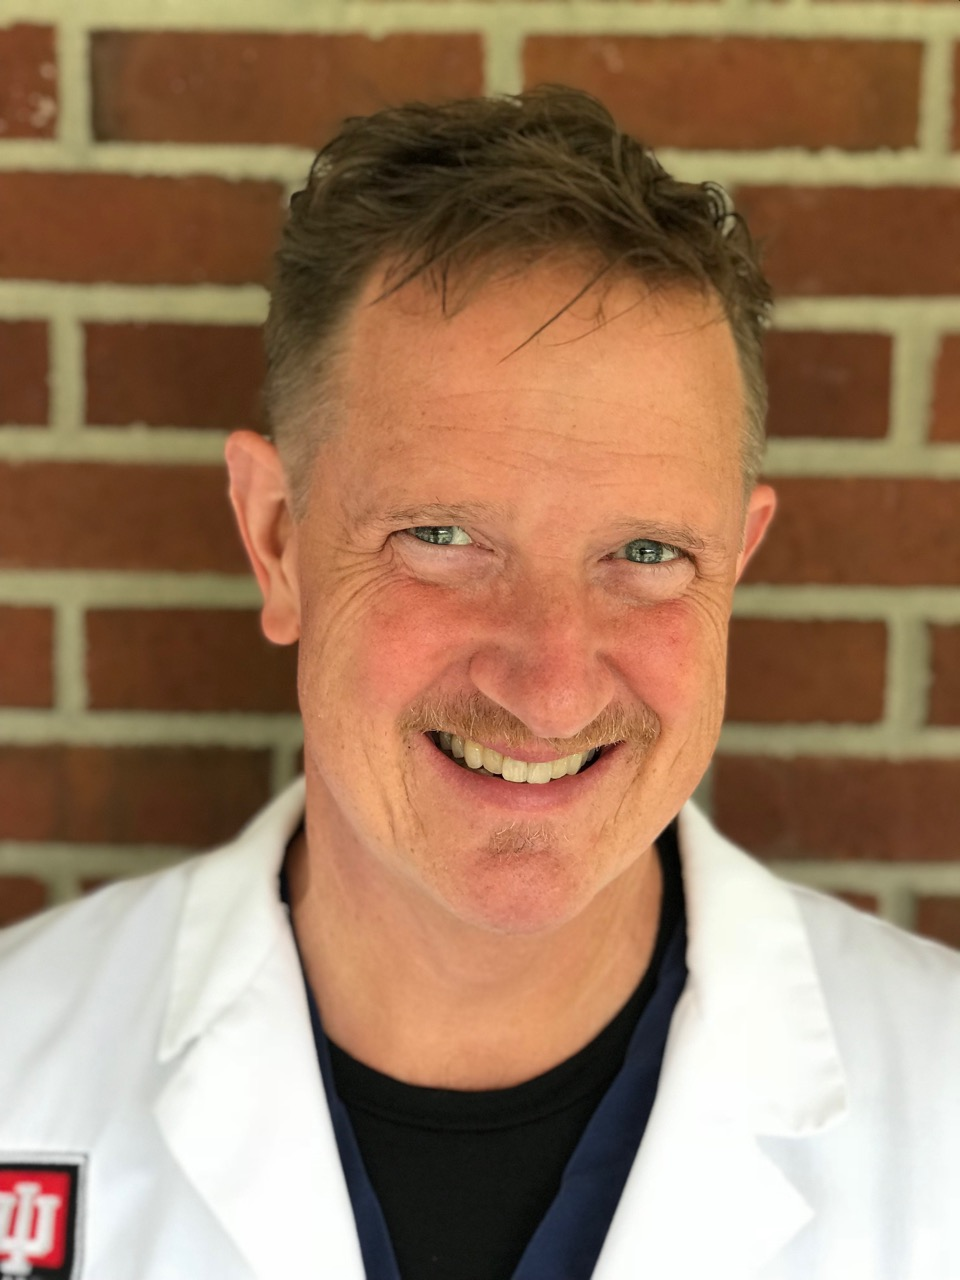 Dr. Dallas E. Peak